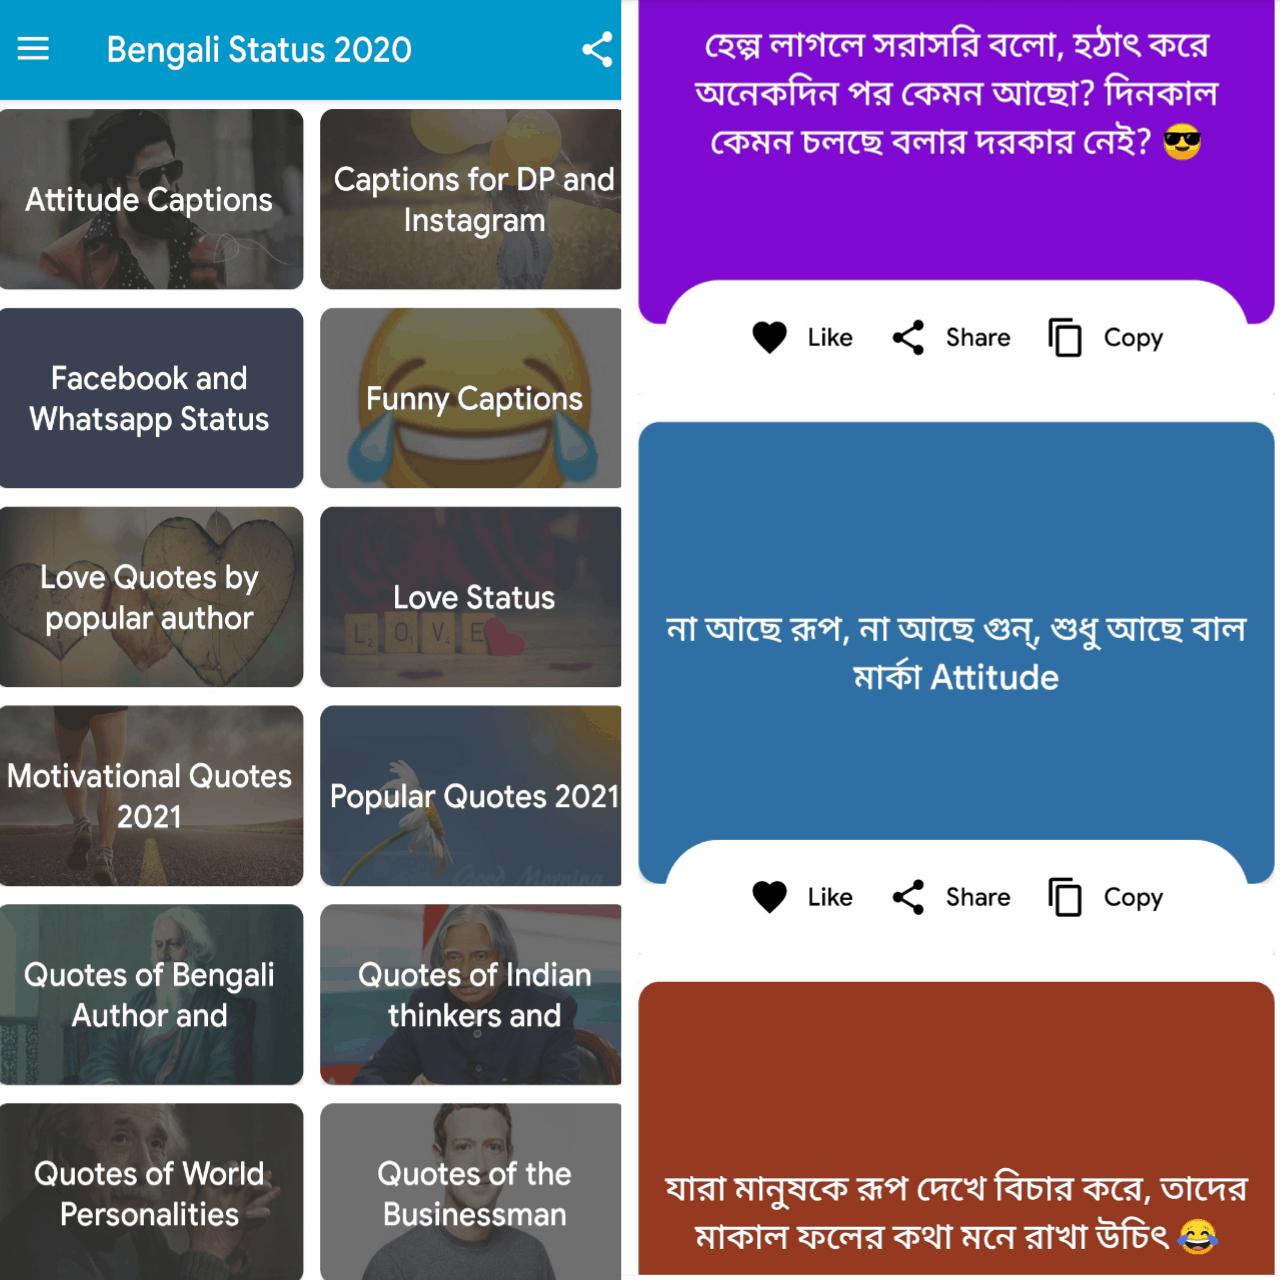 bengali-captions-status-quotes-2021